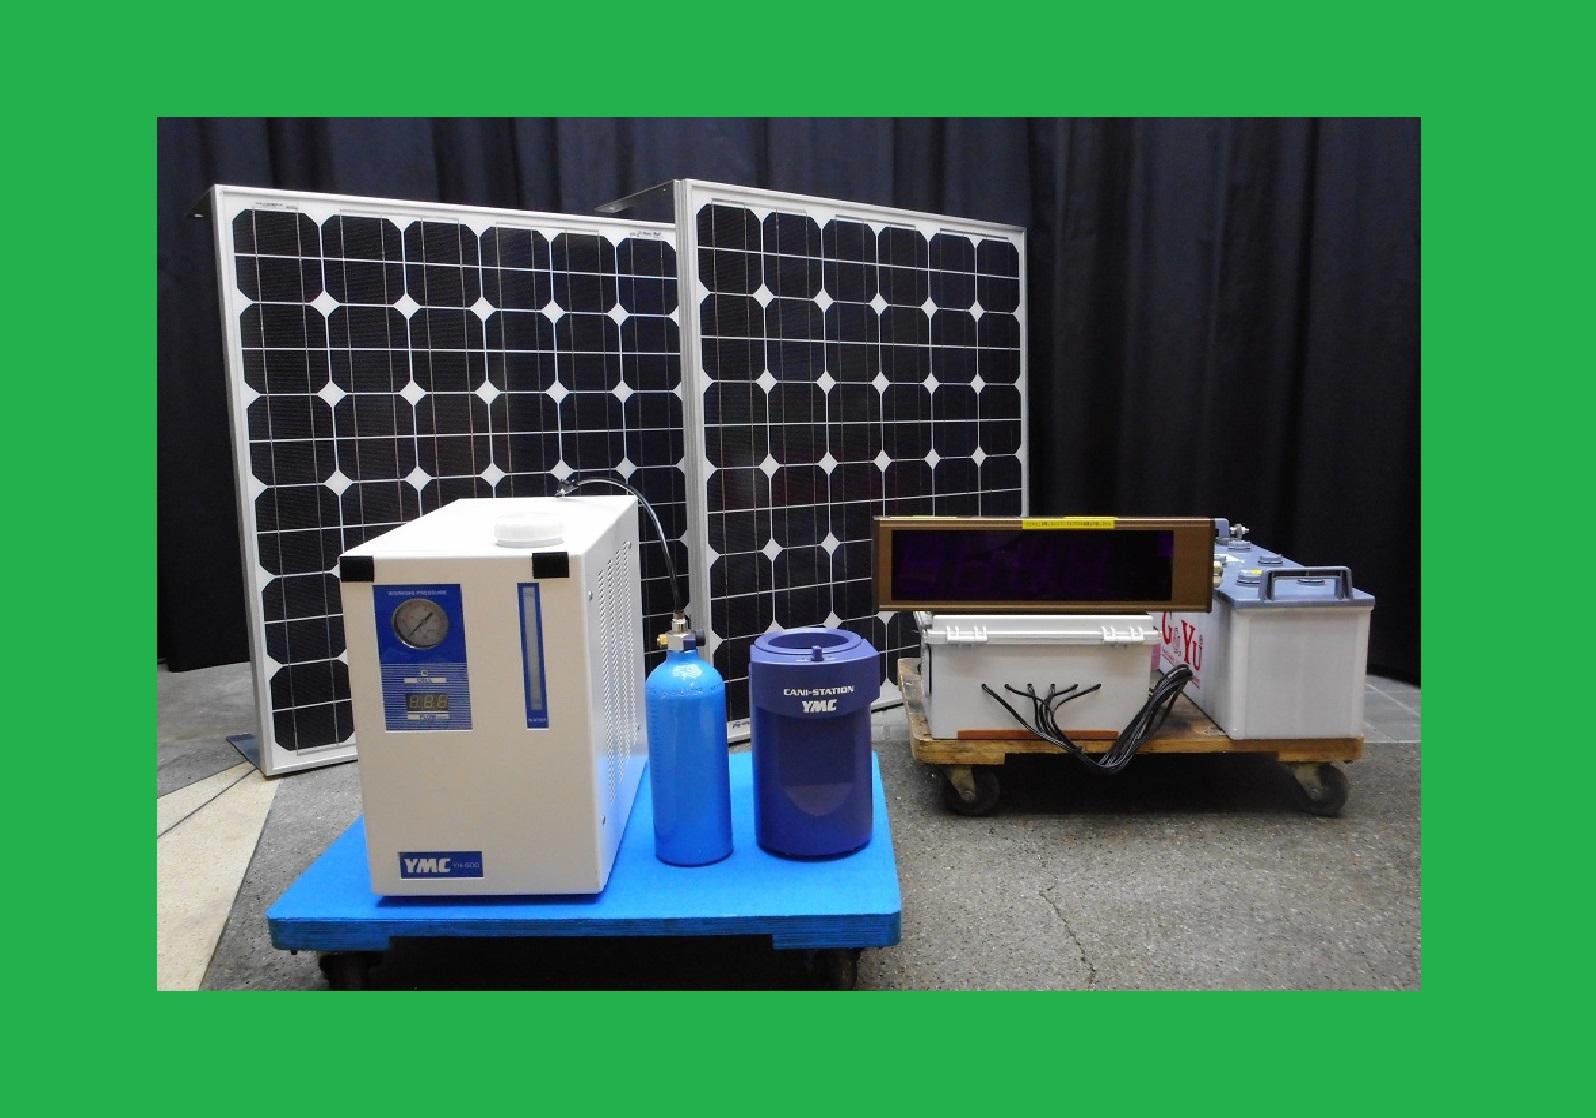 ソーラーパネル(太陽光発電)で発電した環境にやさしい電力を使用してグリーン水素を発生させる装置です。 大型バッテリー、電力表示モニター、大容量水素貯蔵用タンク(500L)も付属されています。